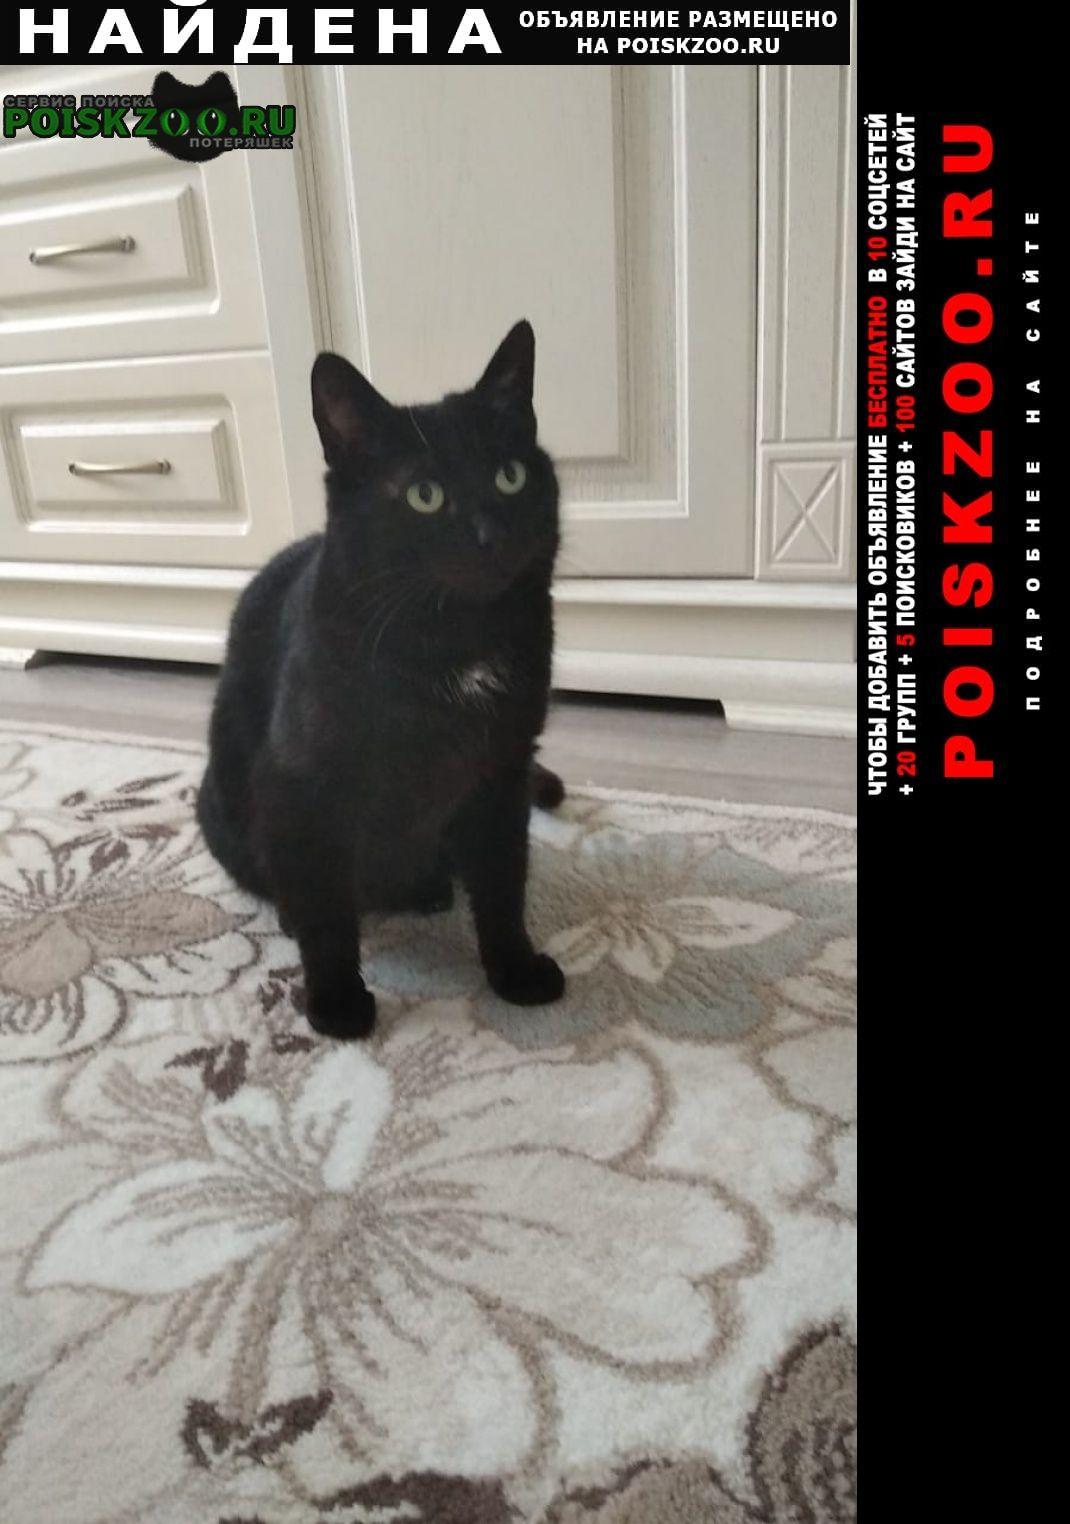 Найдена кошка с.новопетровское Истра